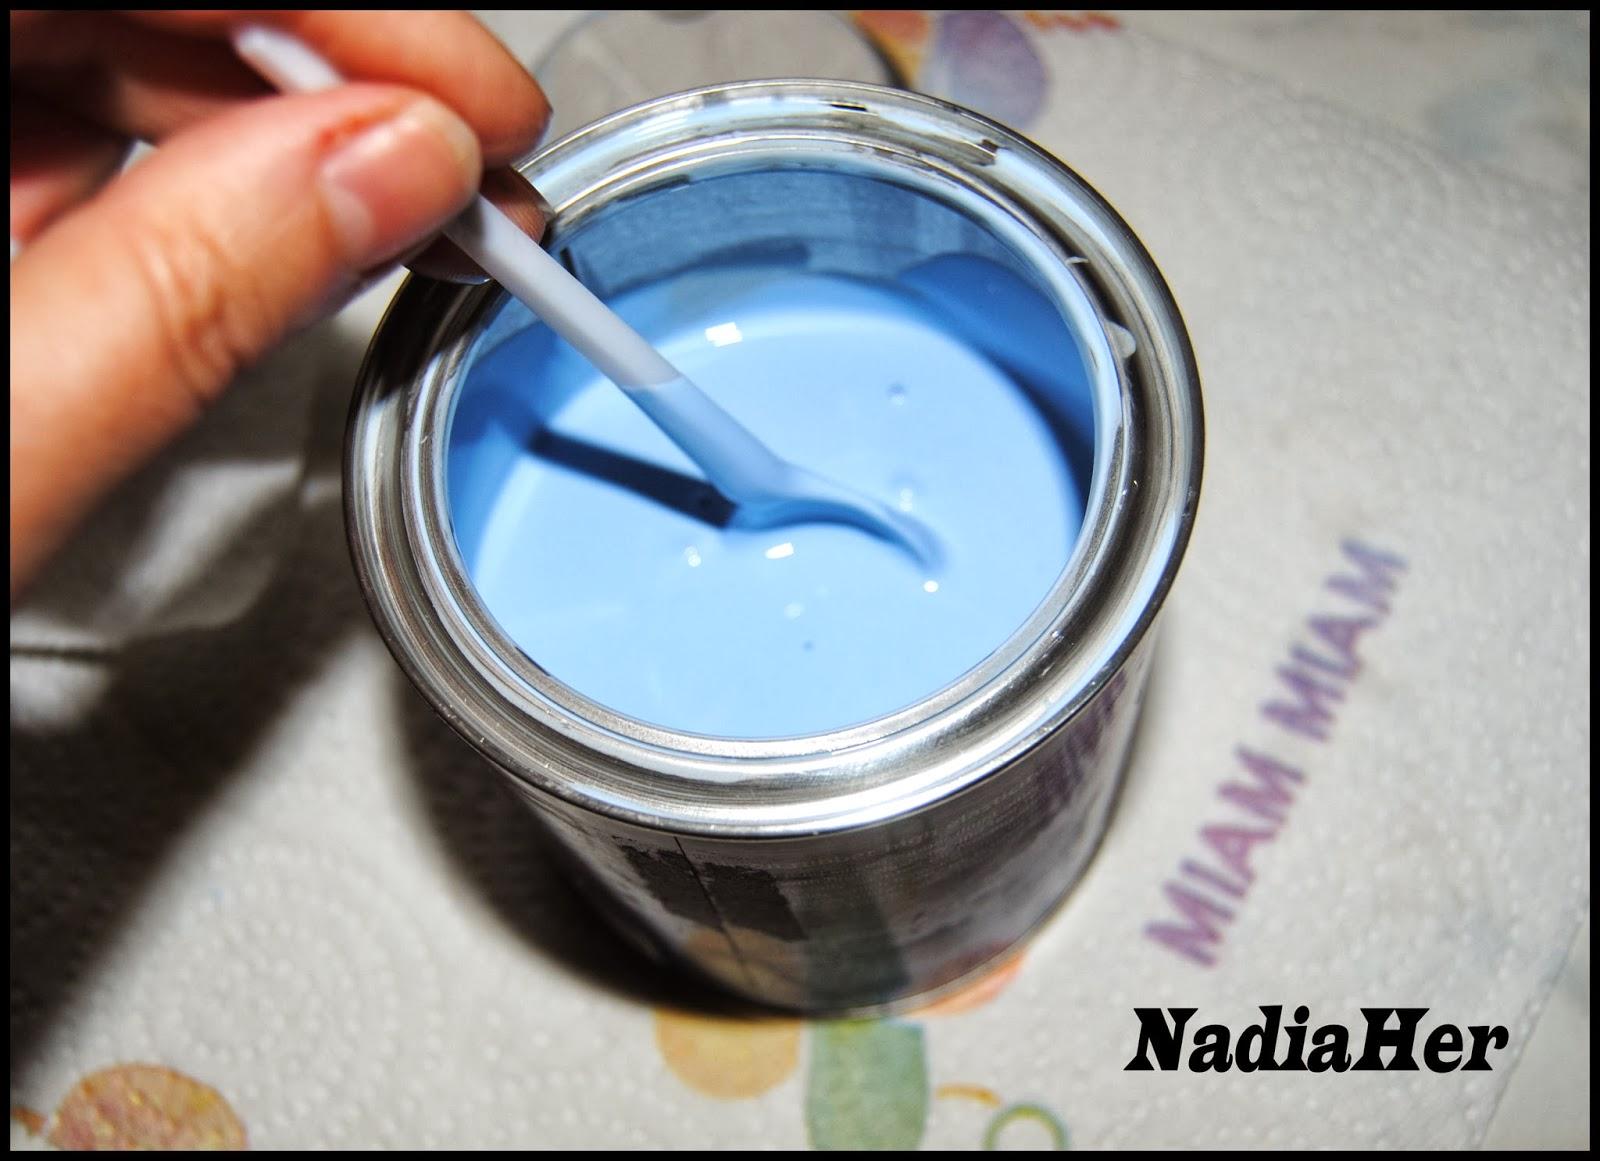 Les bijoux de nadia comment faire un moule bague en silicon liquide - Comment enlever le silicone ...